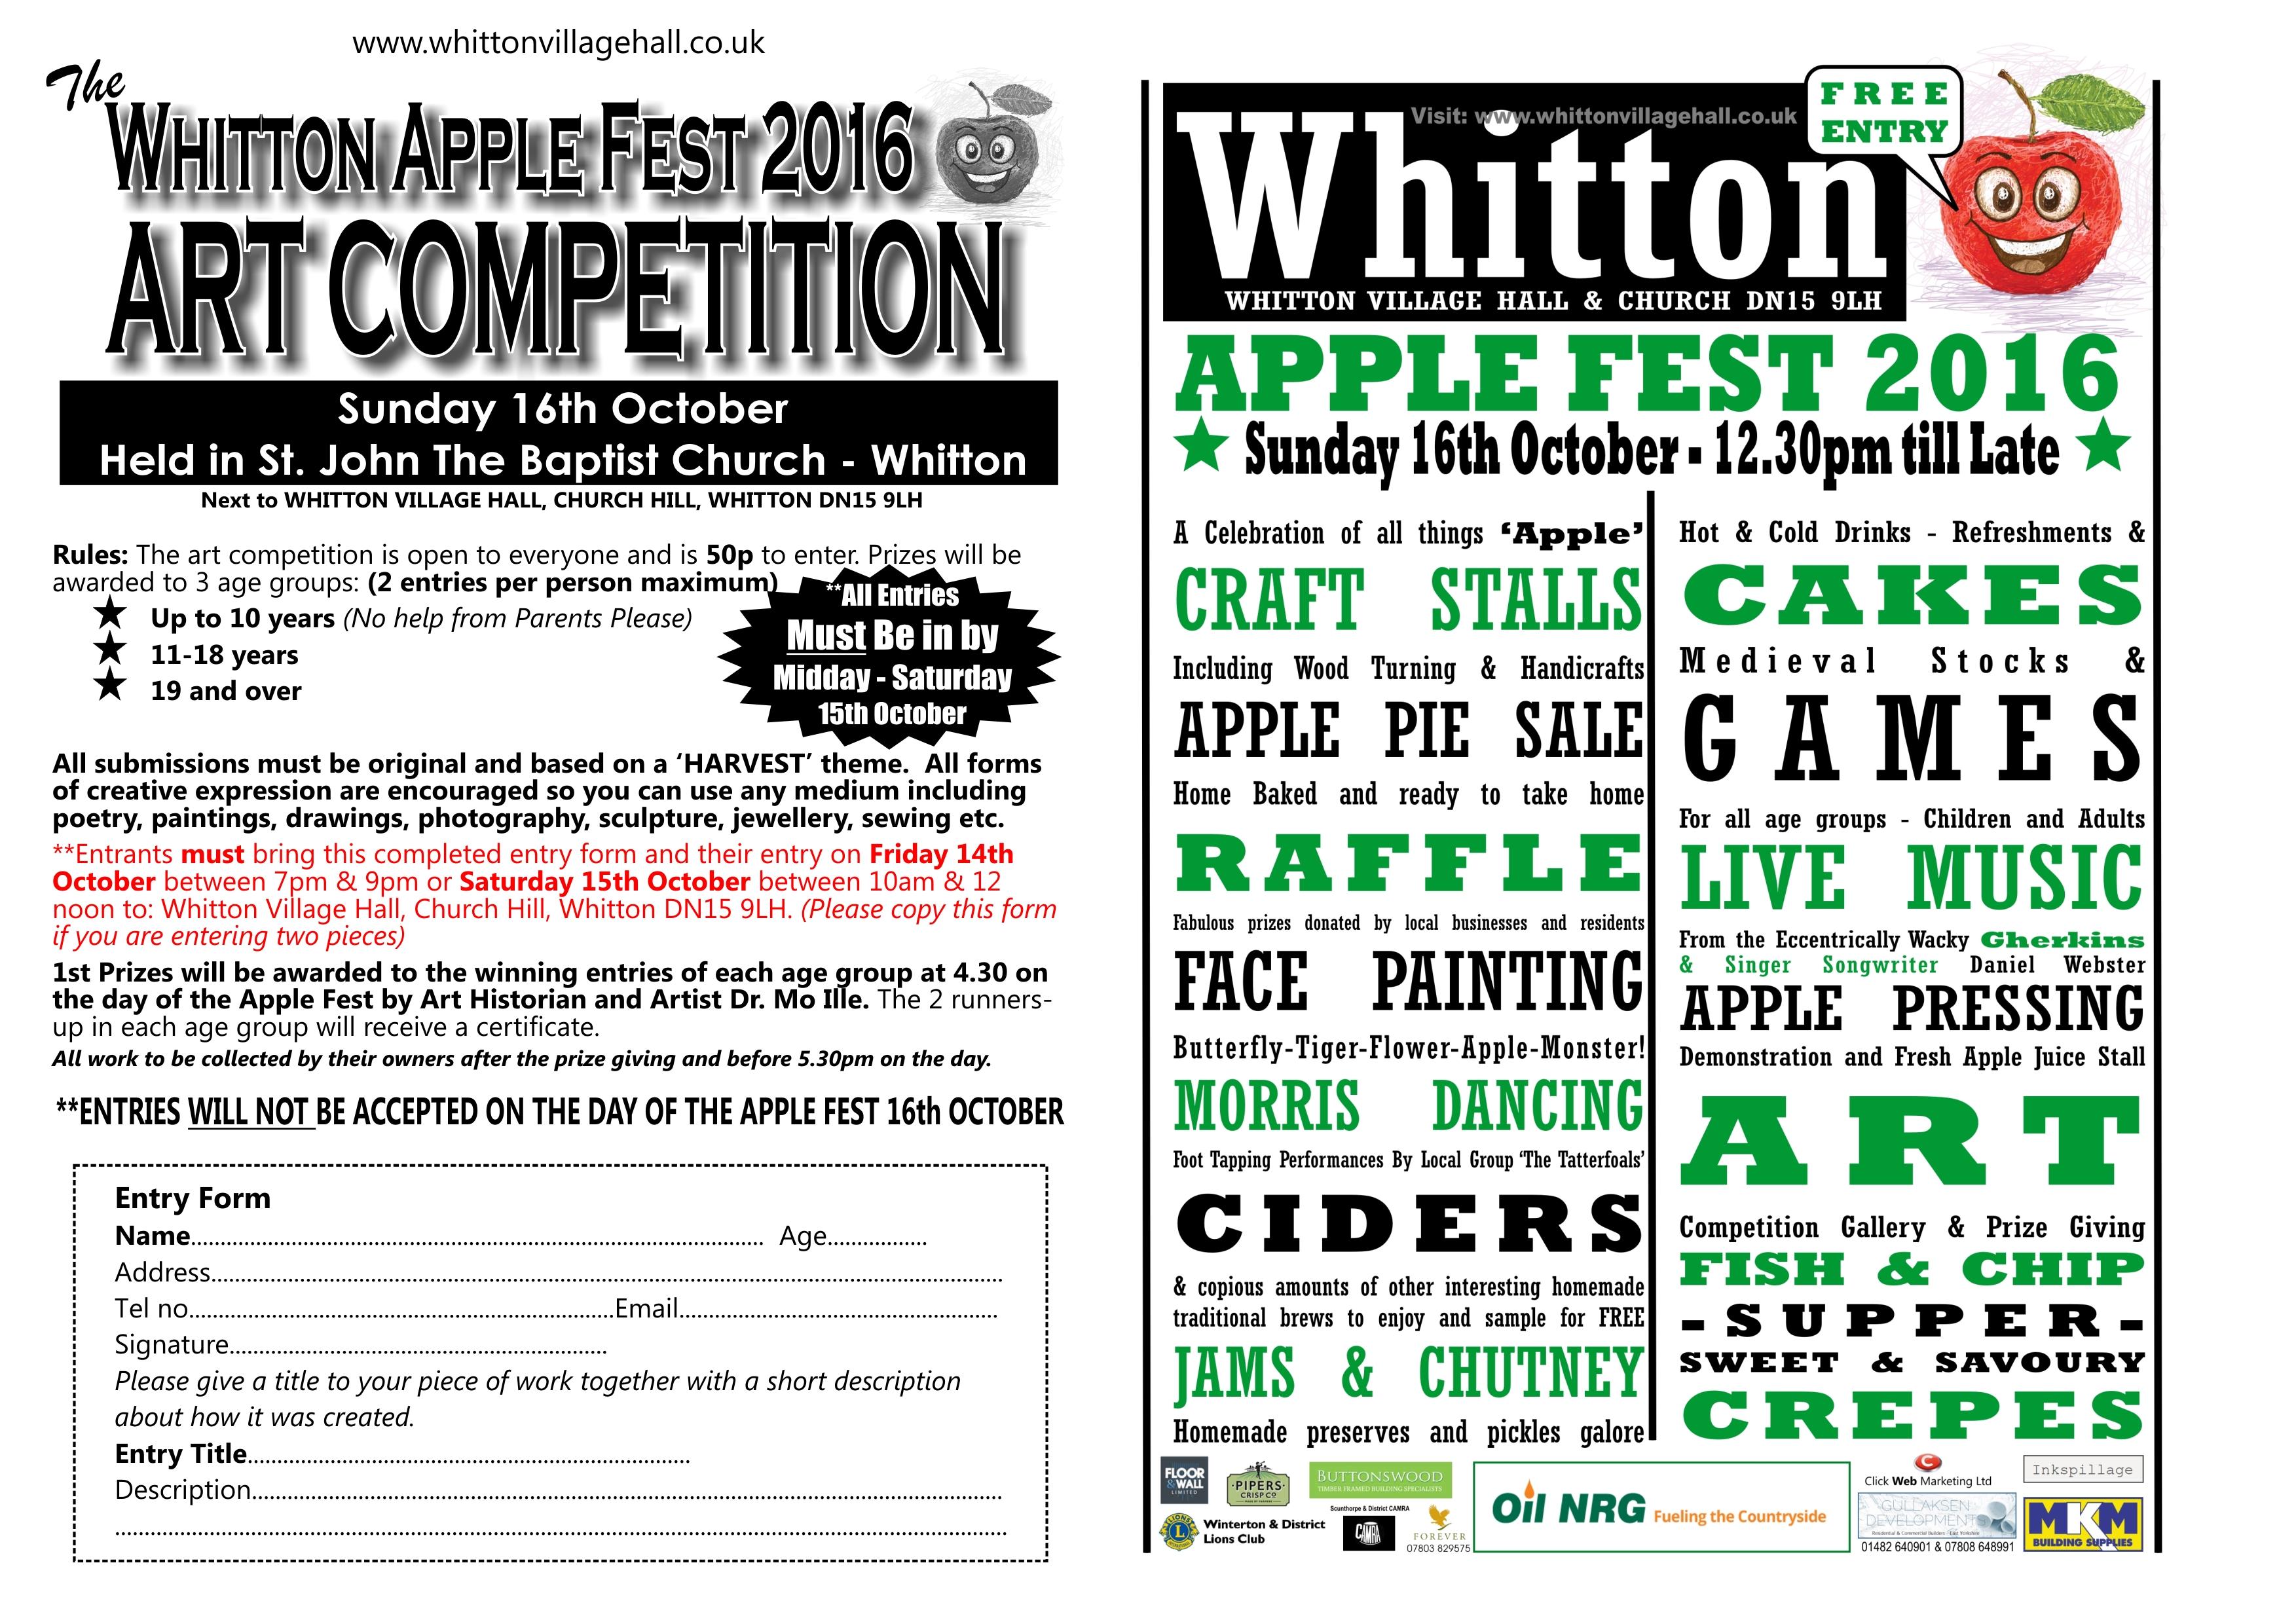 Whitton Apple Fest Art Competition Form